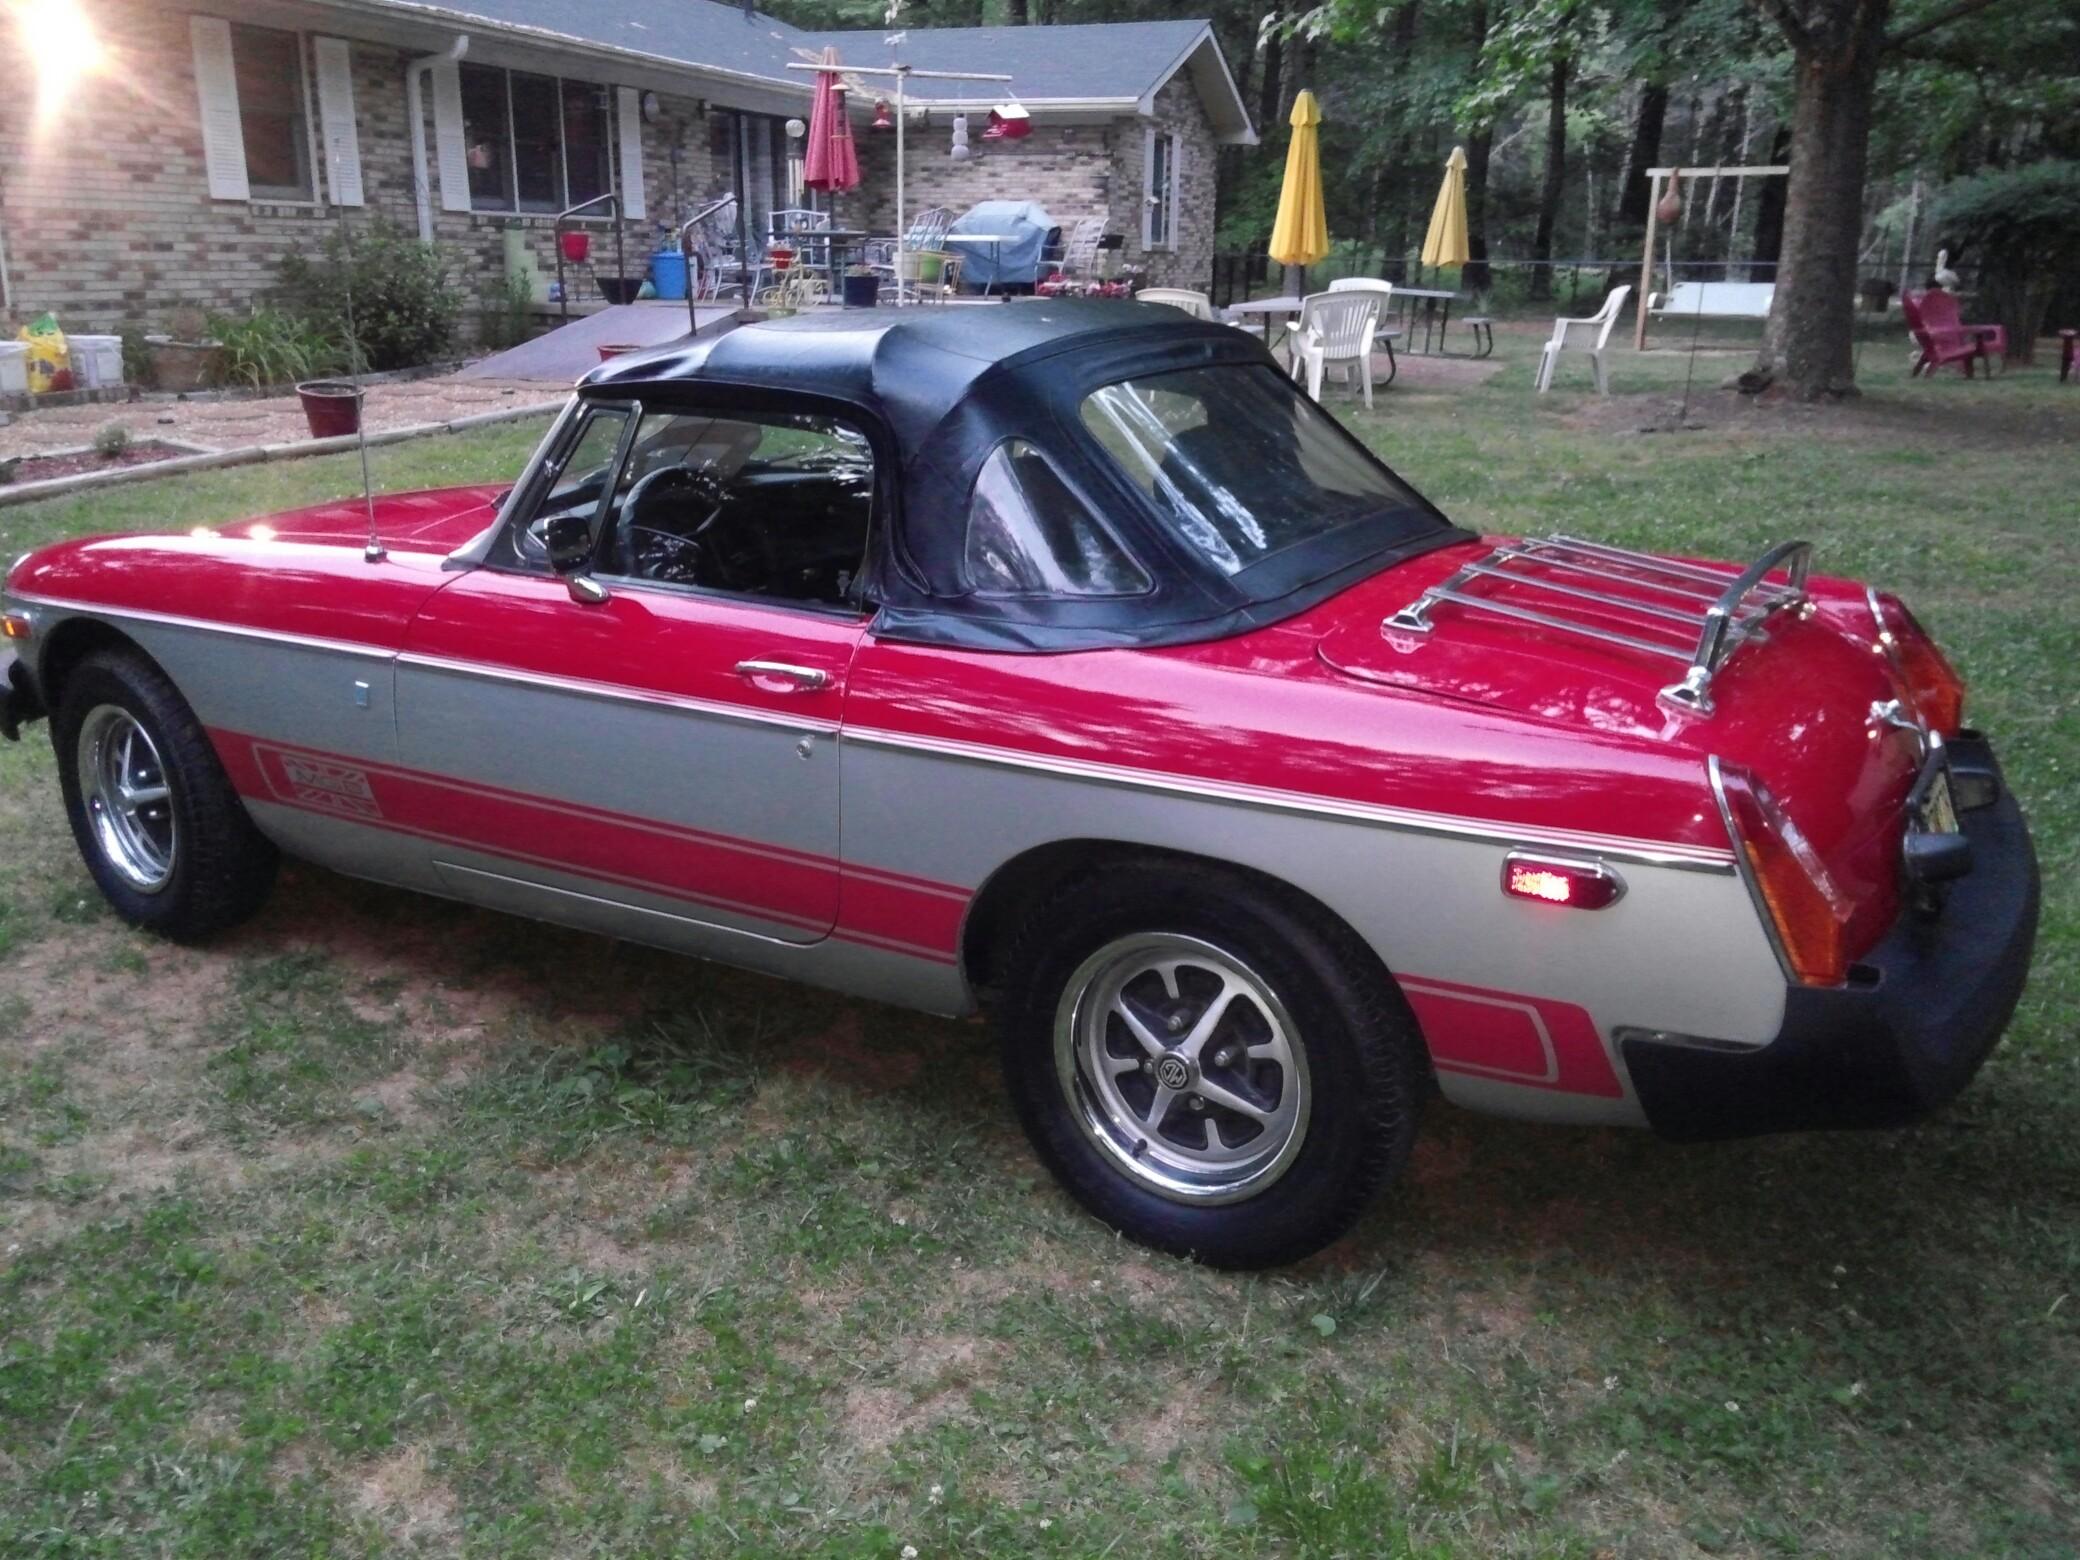 Streetside Classic Cars 213 Thornton Rd, Lithia Springs, GA 30122 ...